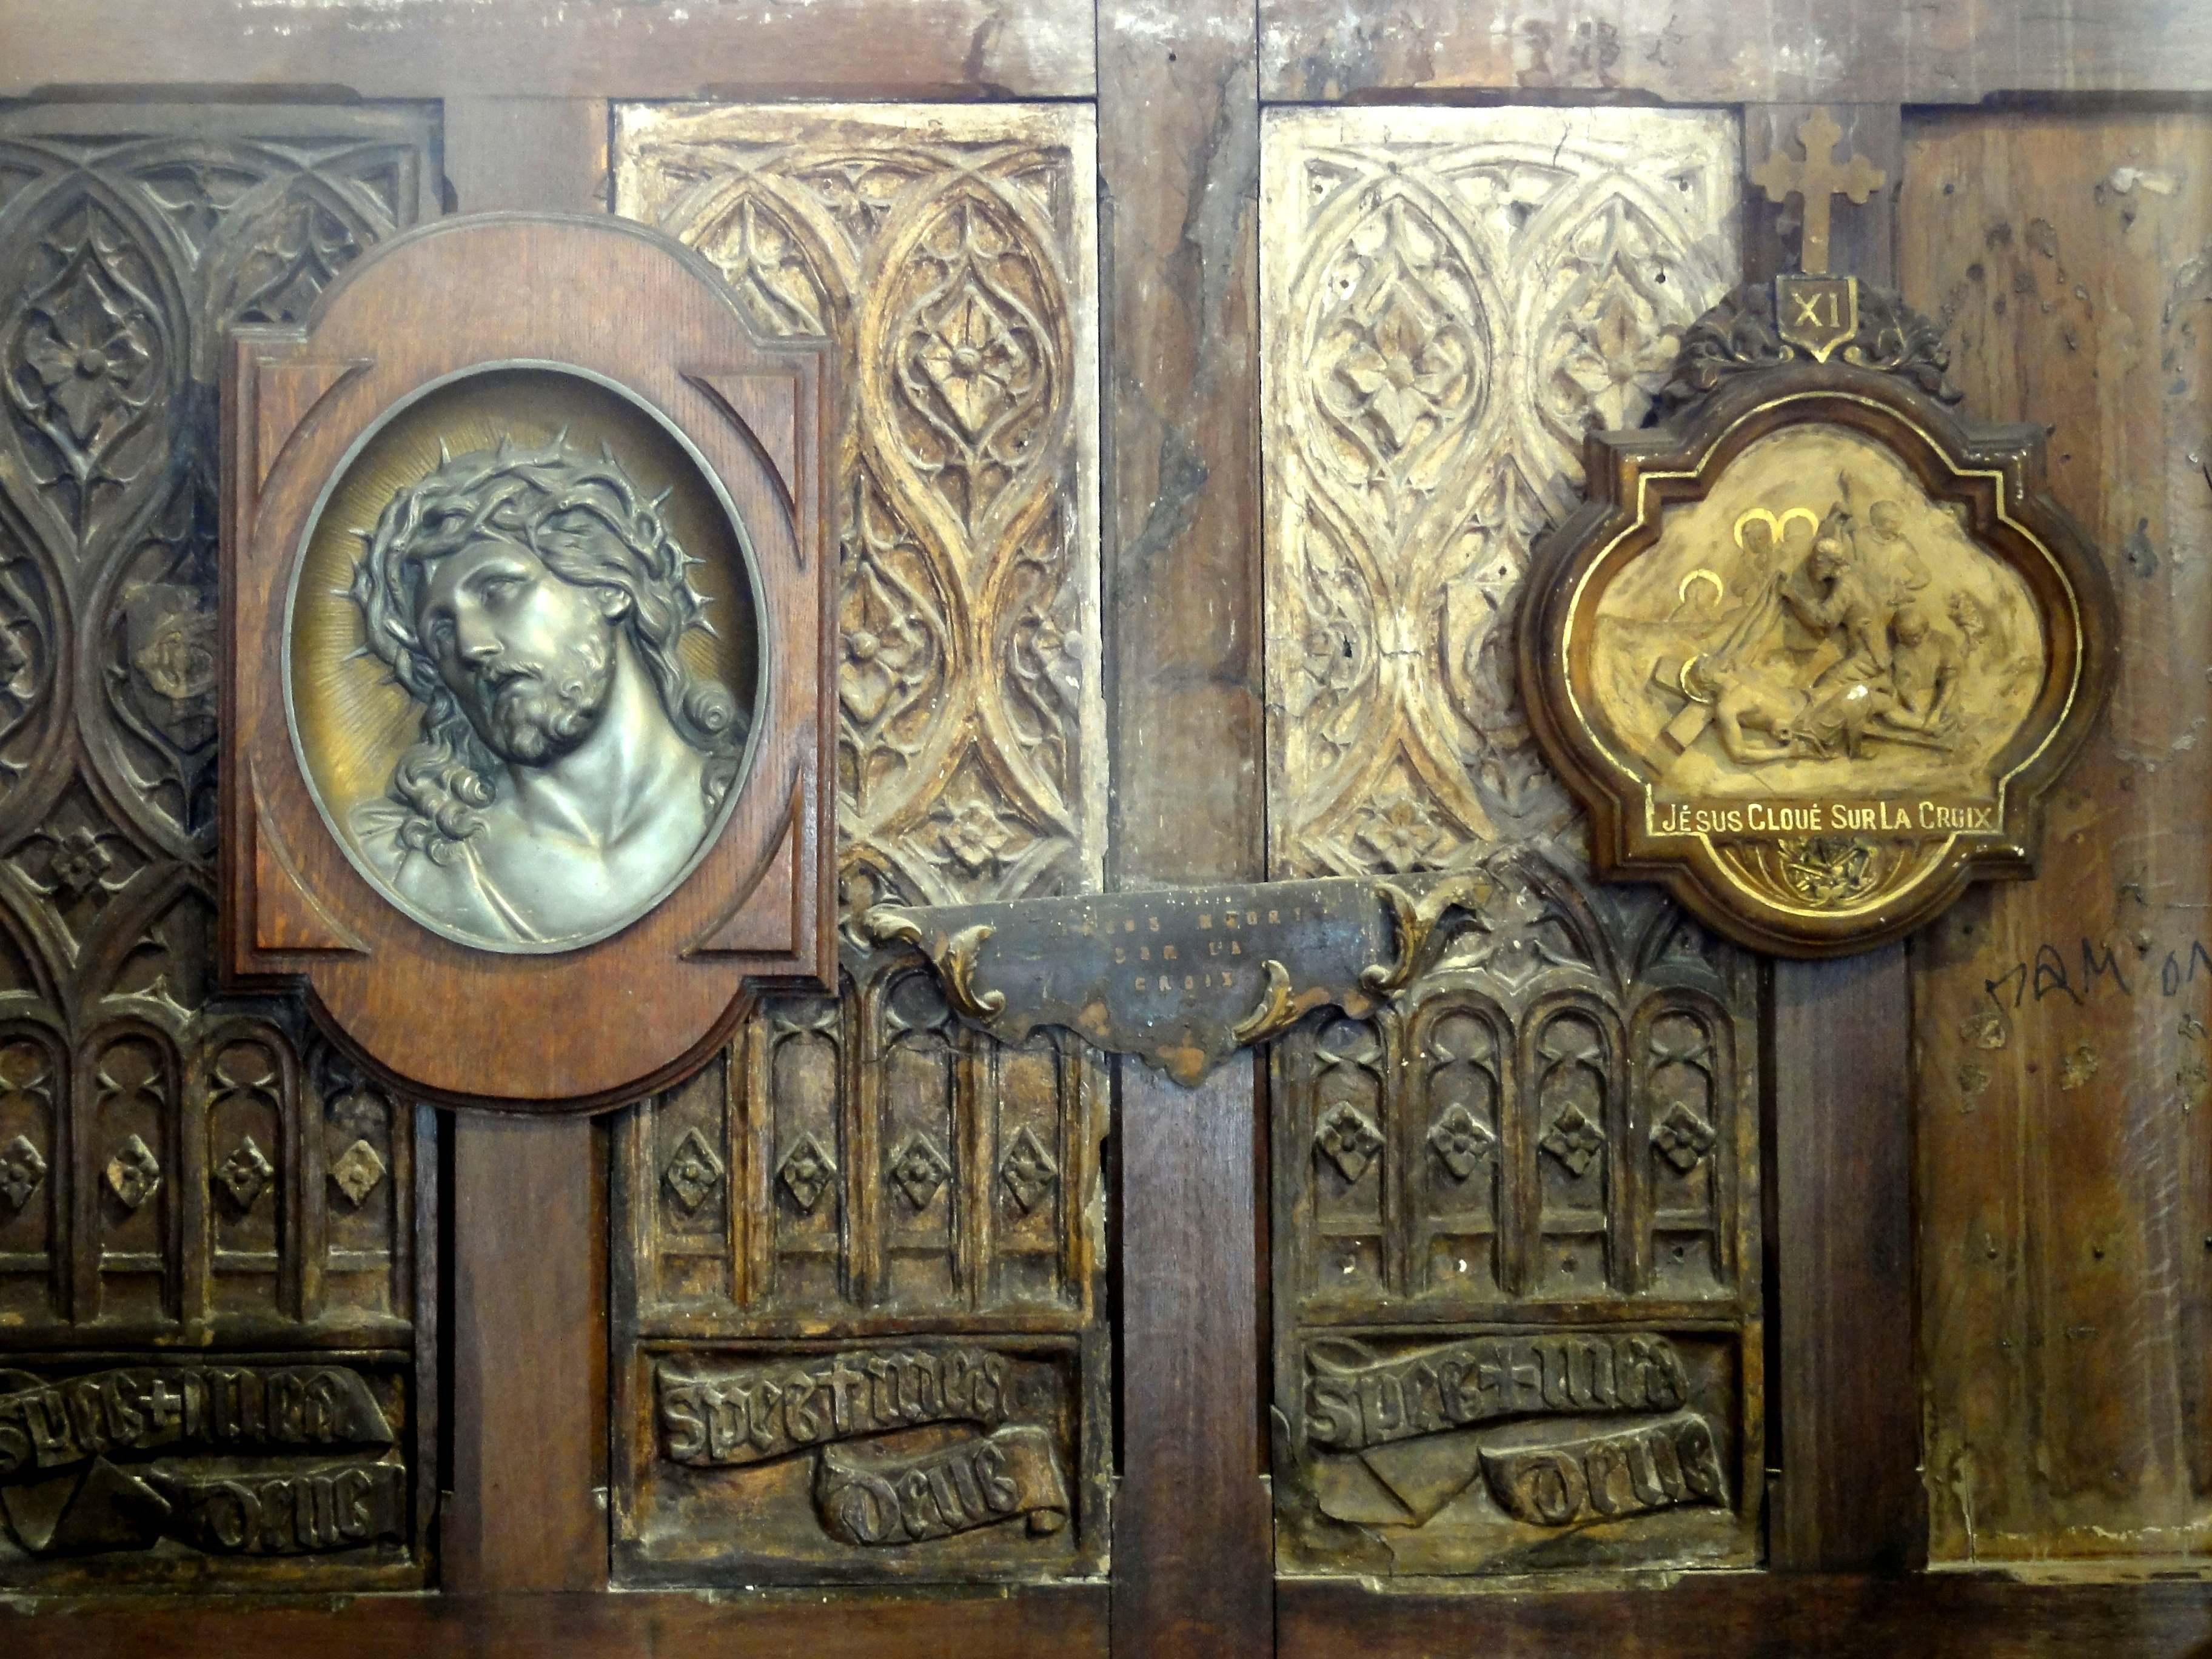 fichier brie comte robert 77 glise saint tienne bas c t sud chapelle de la 5e trav e. Black Bedroom Furniture Sets. Home Design Ideas